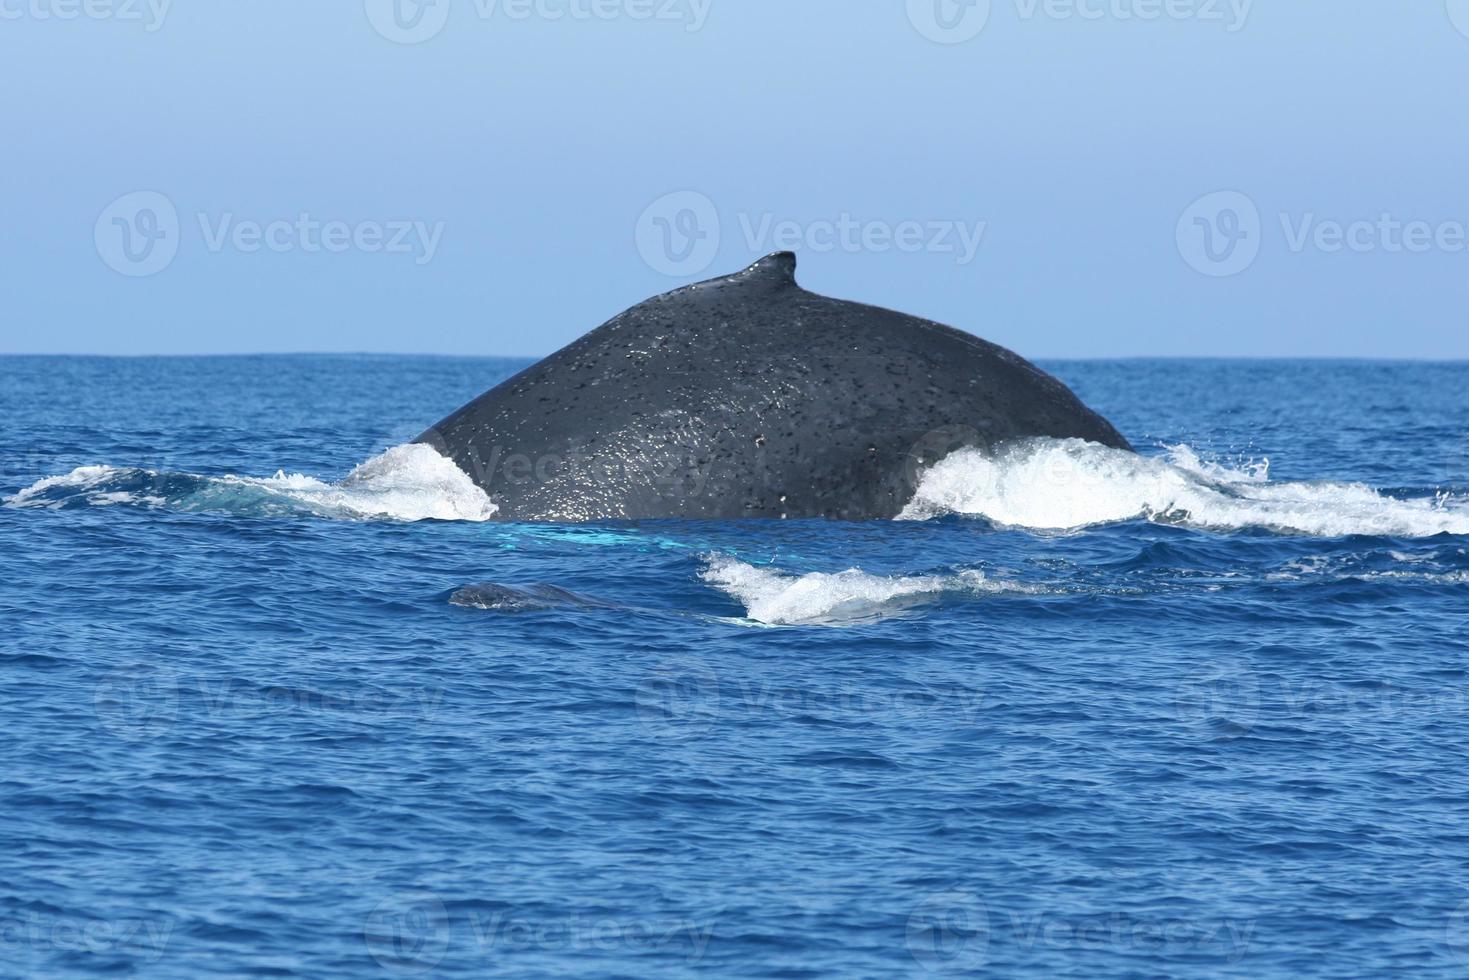 Wal zurück foto